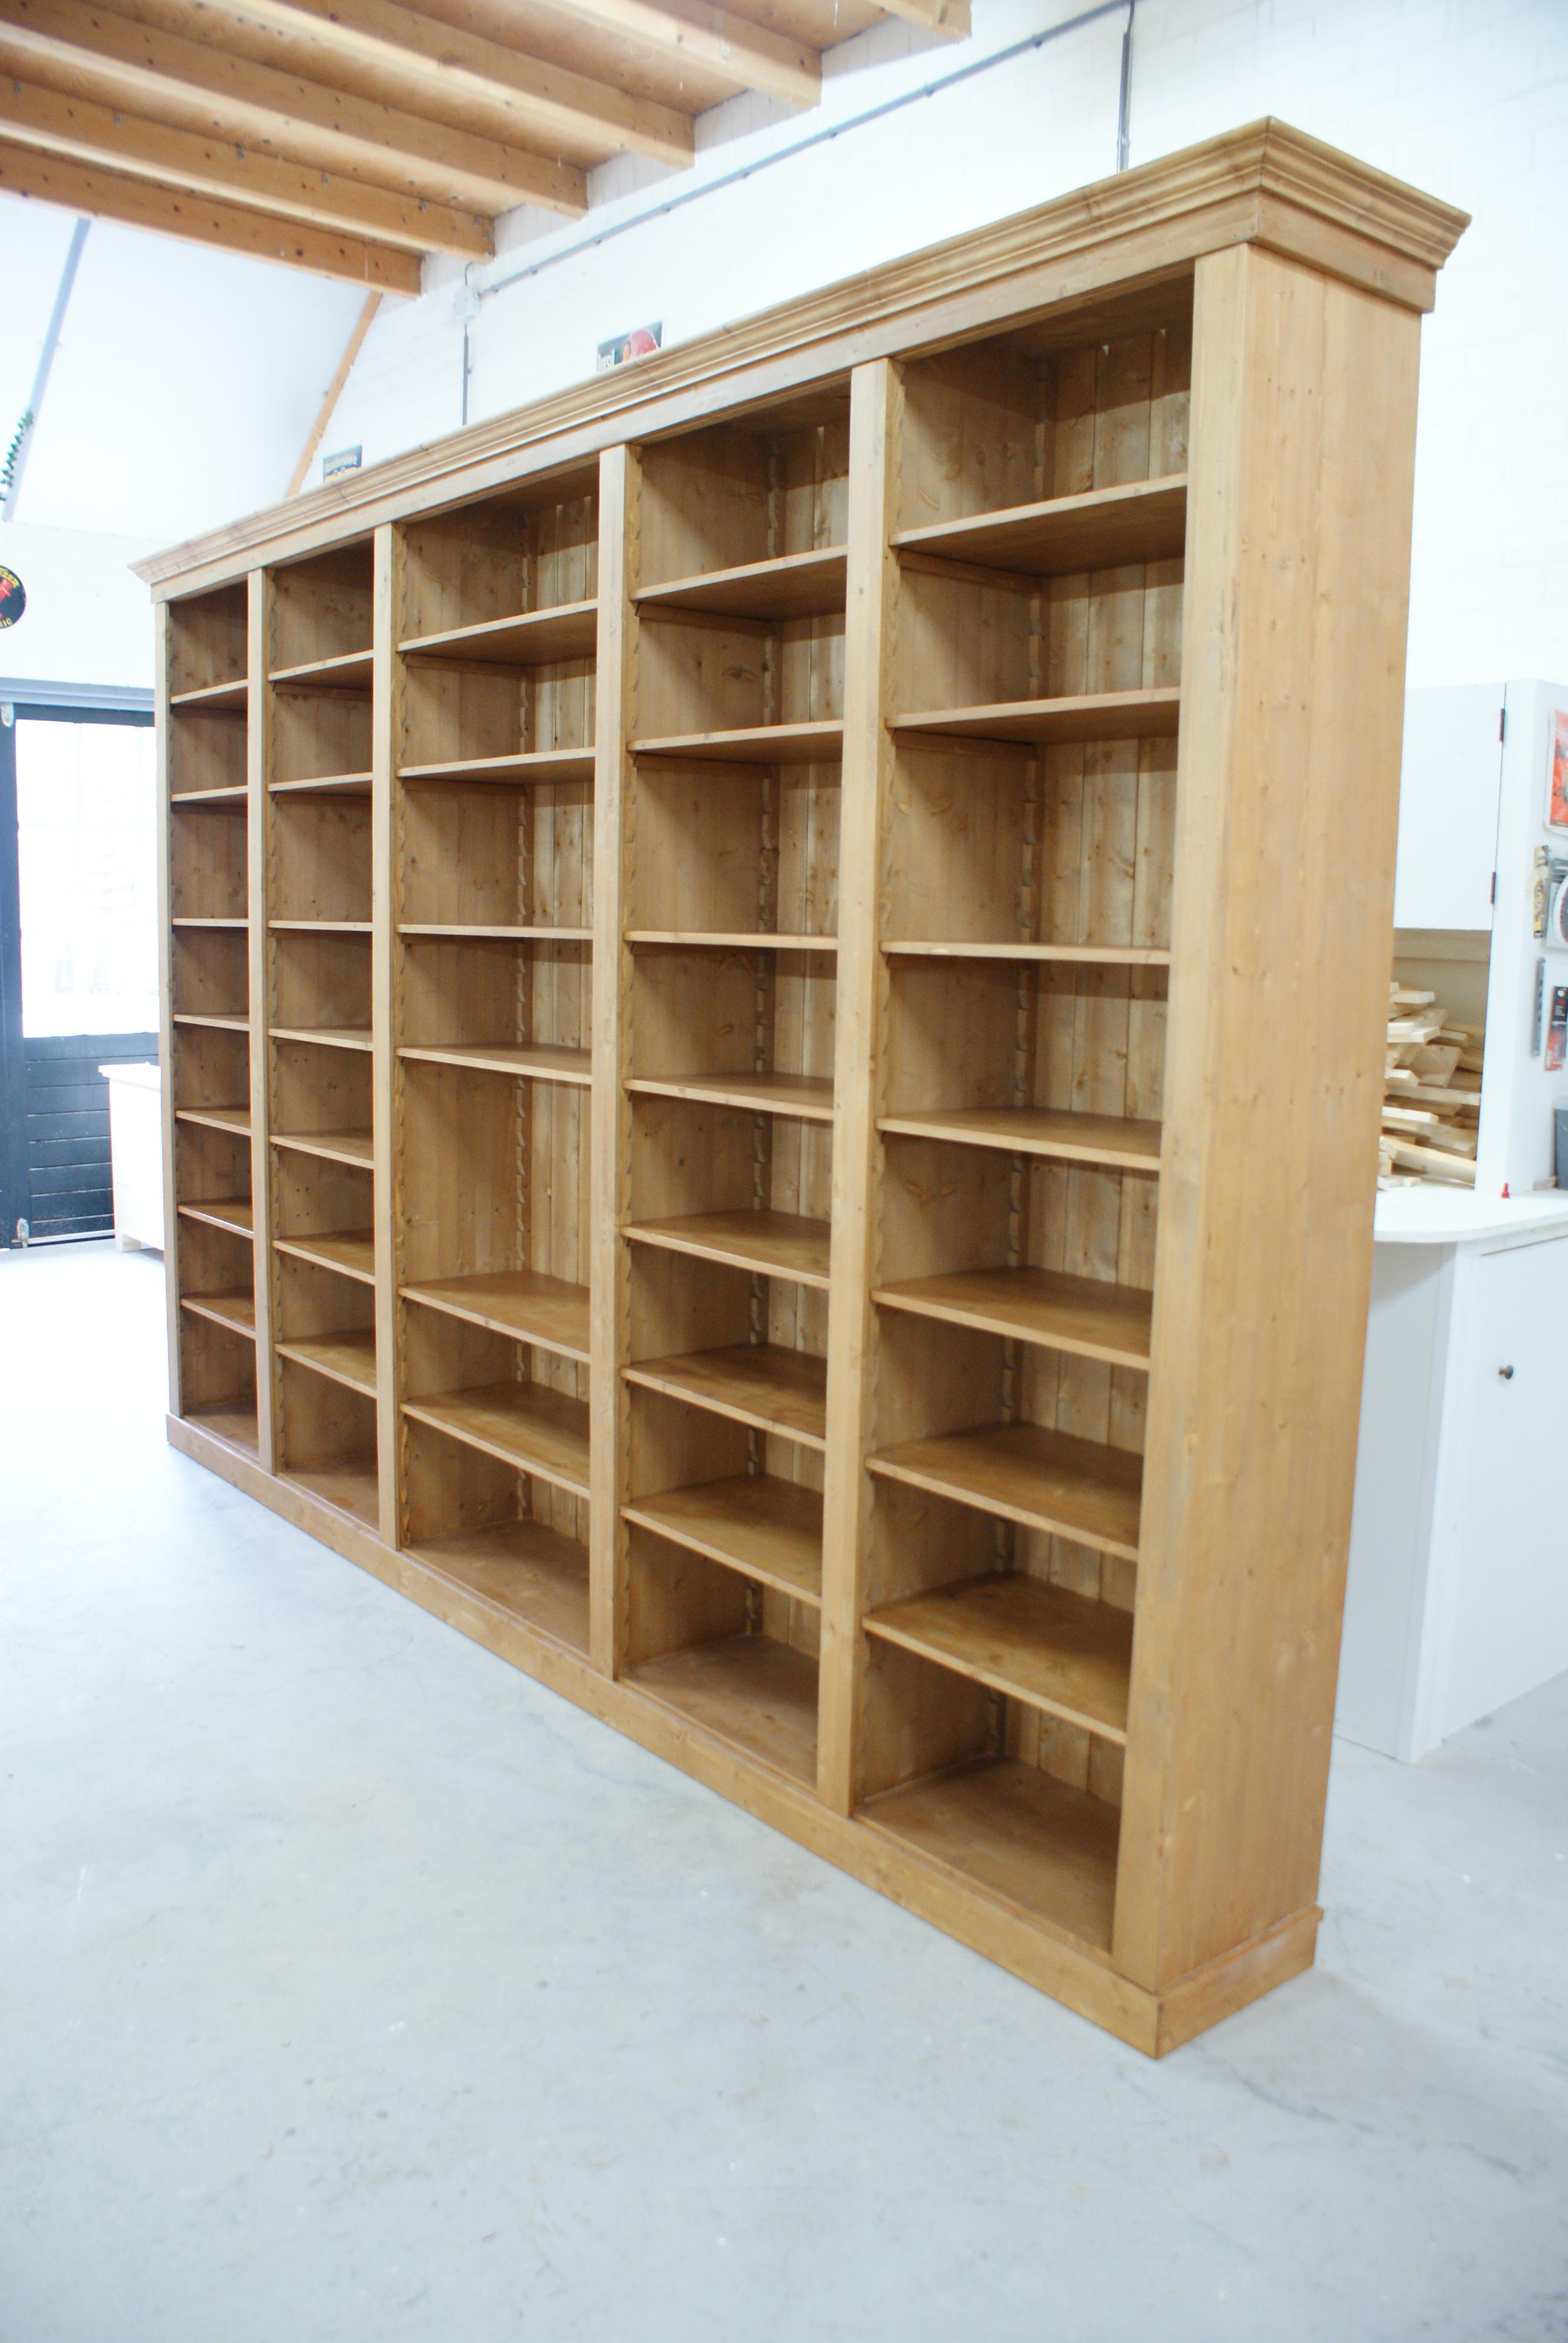 boekenkast op maat renswoude meubelmakerij de grenenhoeve. Black Bedroom Furniture Sets. Home Design Ideas